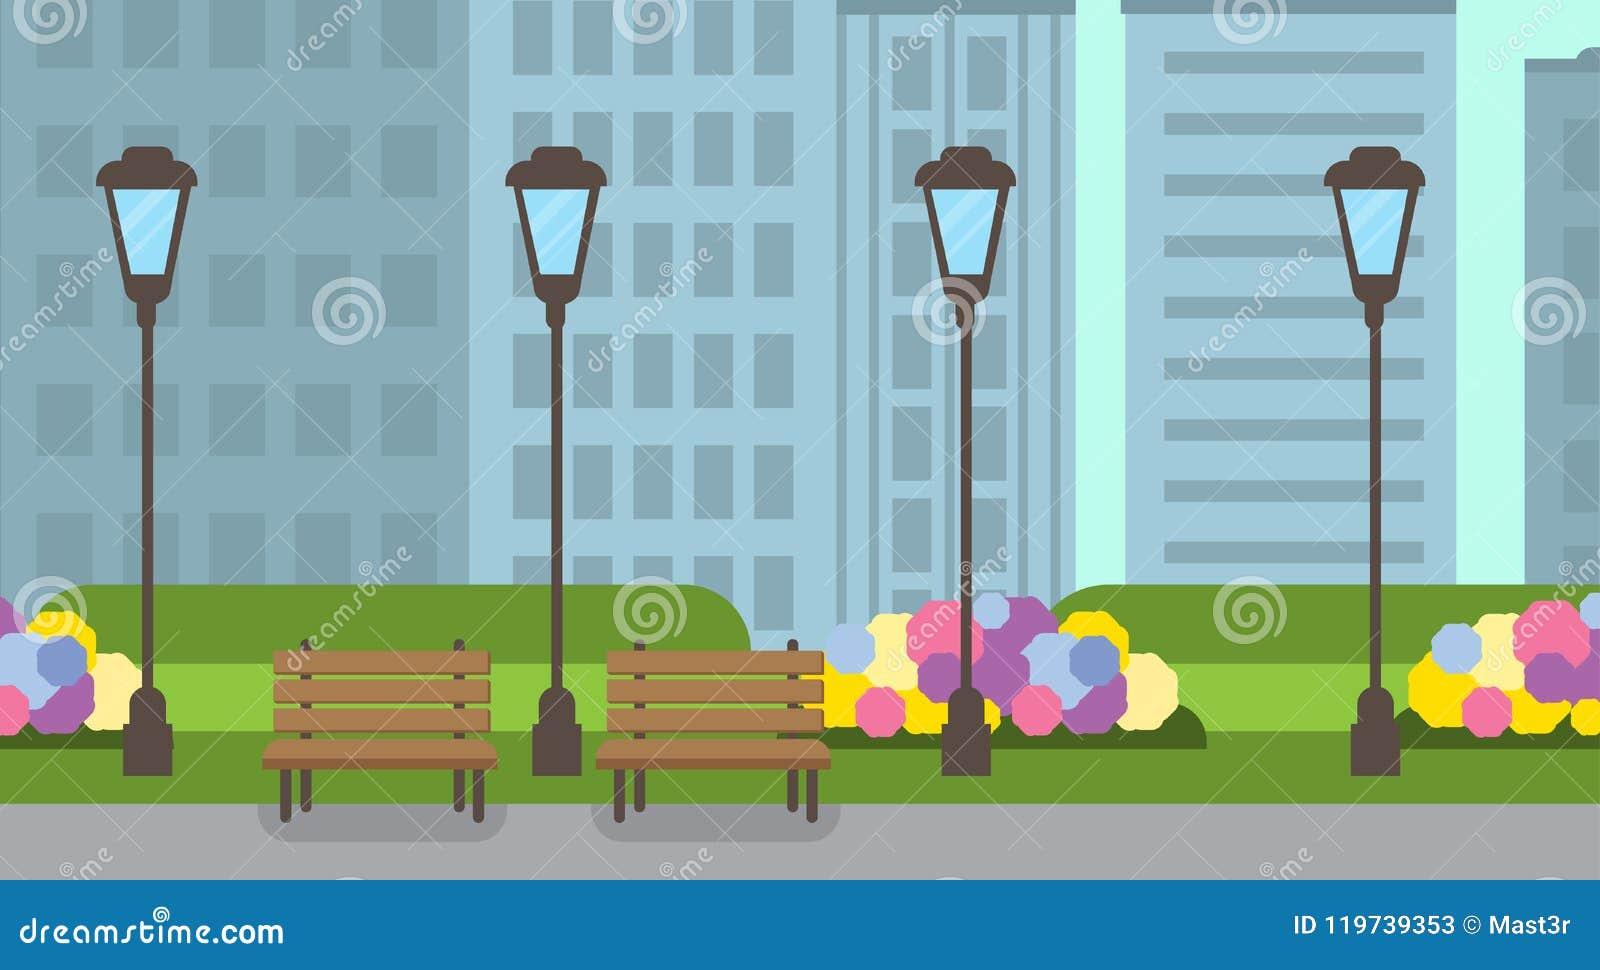 城市公园长木凳街灯绿色草坪开花模板都市风景背景平的横幅